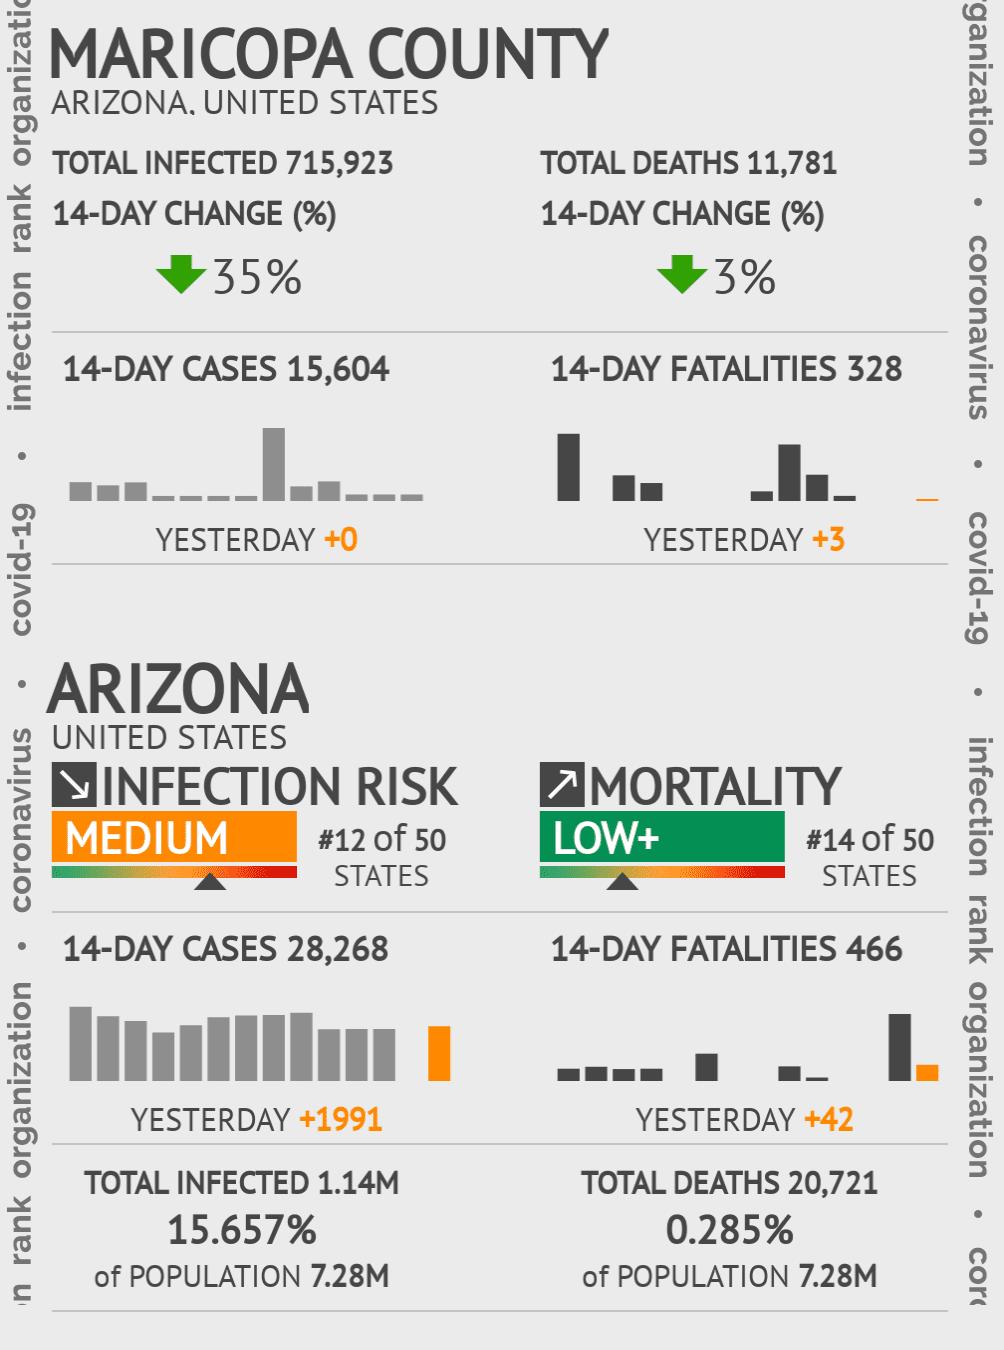 Maricopa County Coronavirus Covid-19 Risk of Infection on November 27, 2020